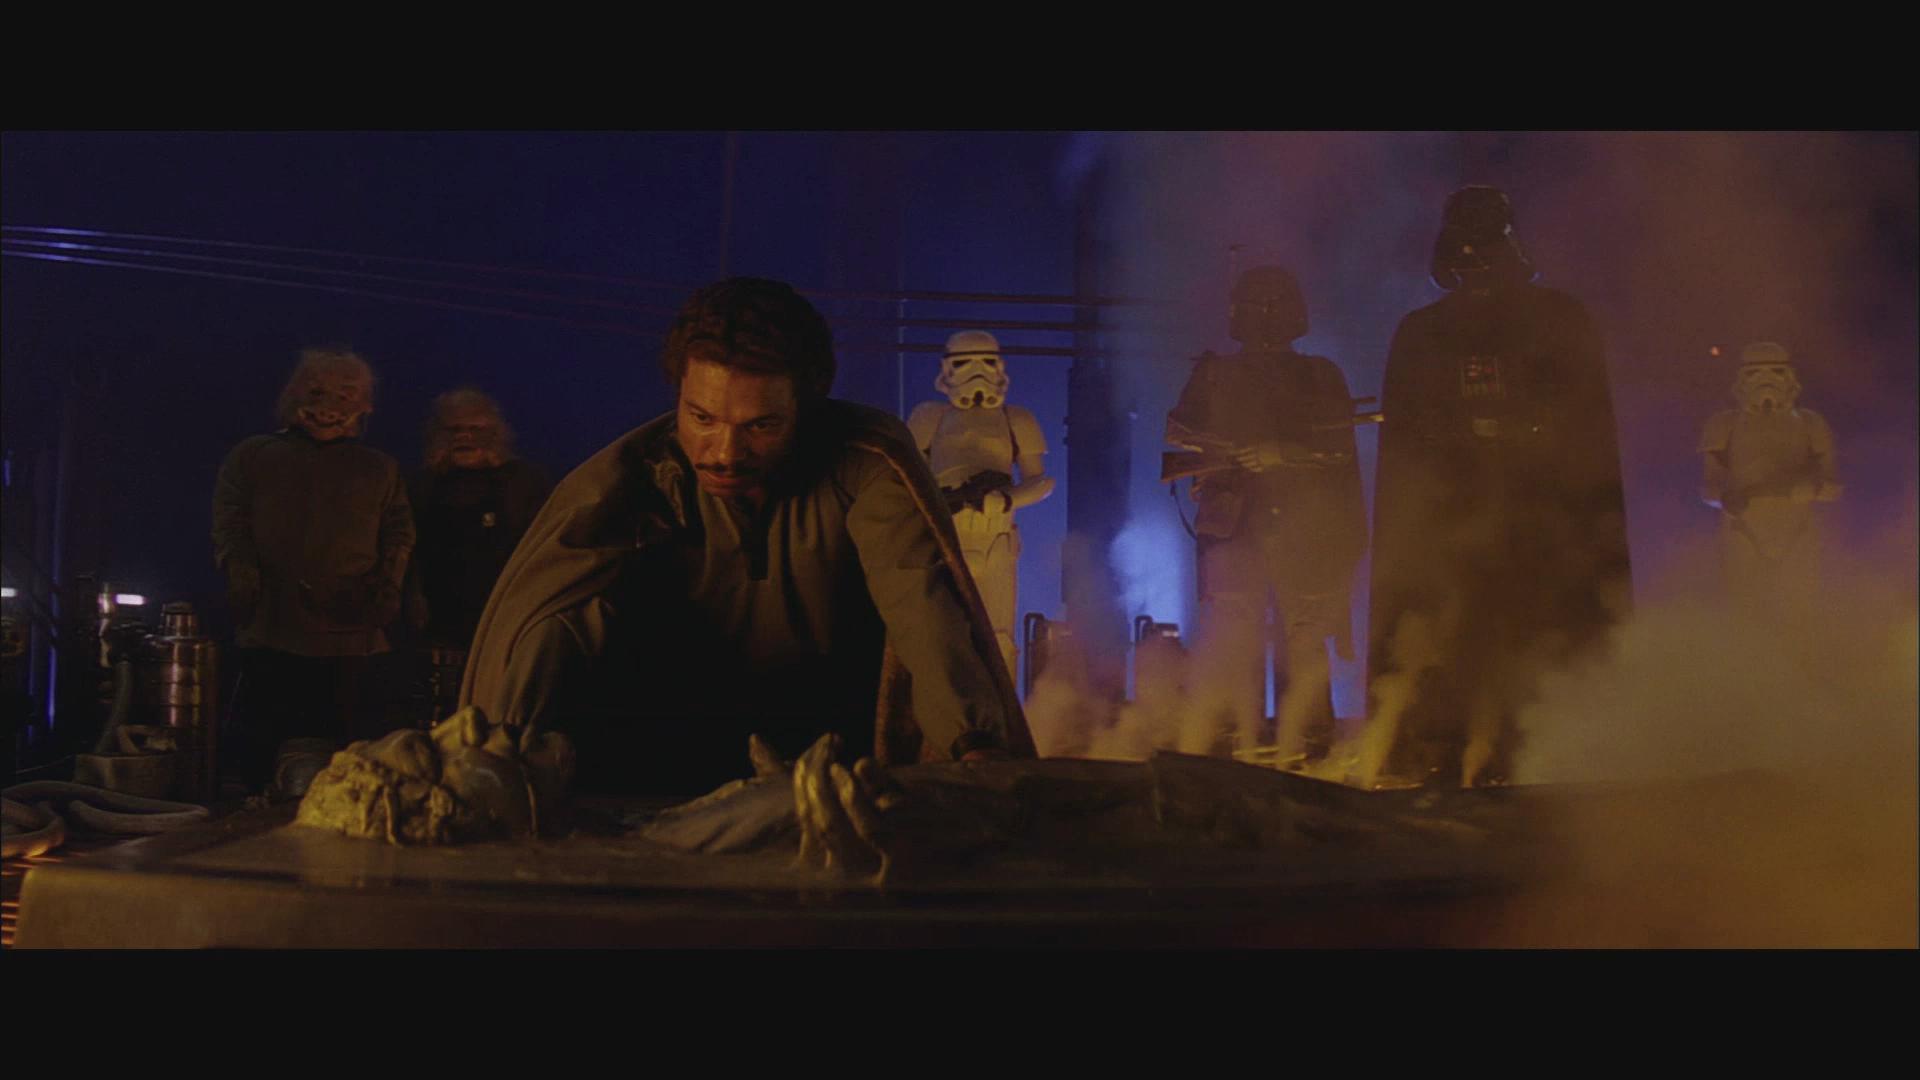 Resultado de imagem para star wars episode 5 han solo frozen